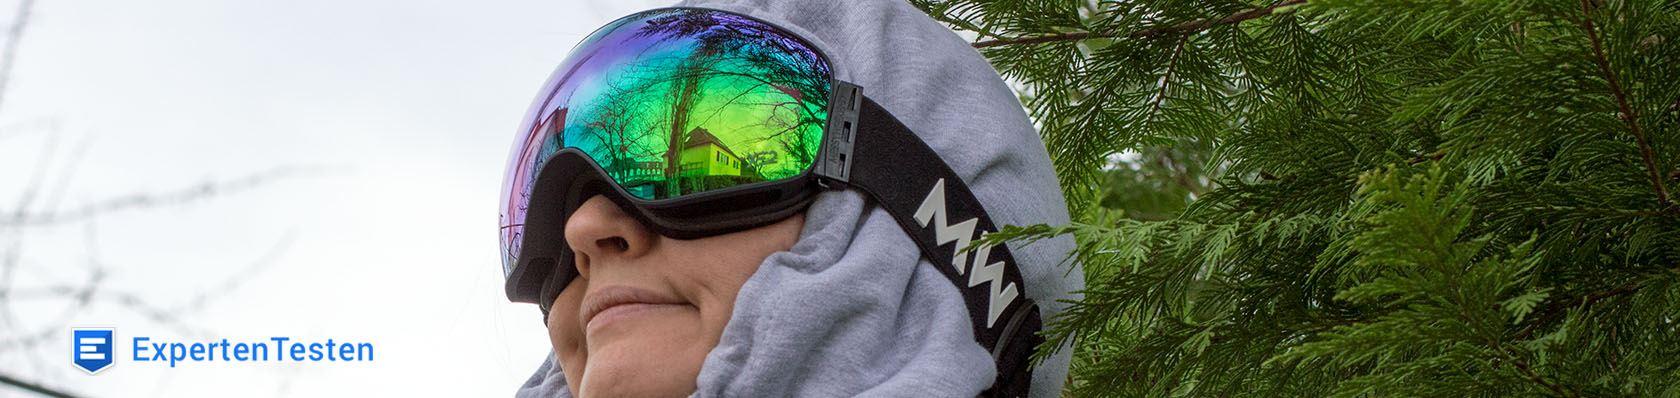 Skibrillen im Test auf ExpertenTesten.de